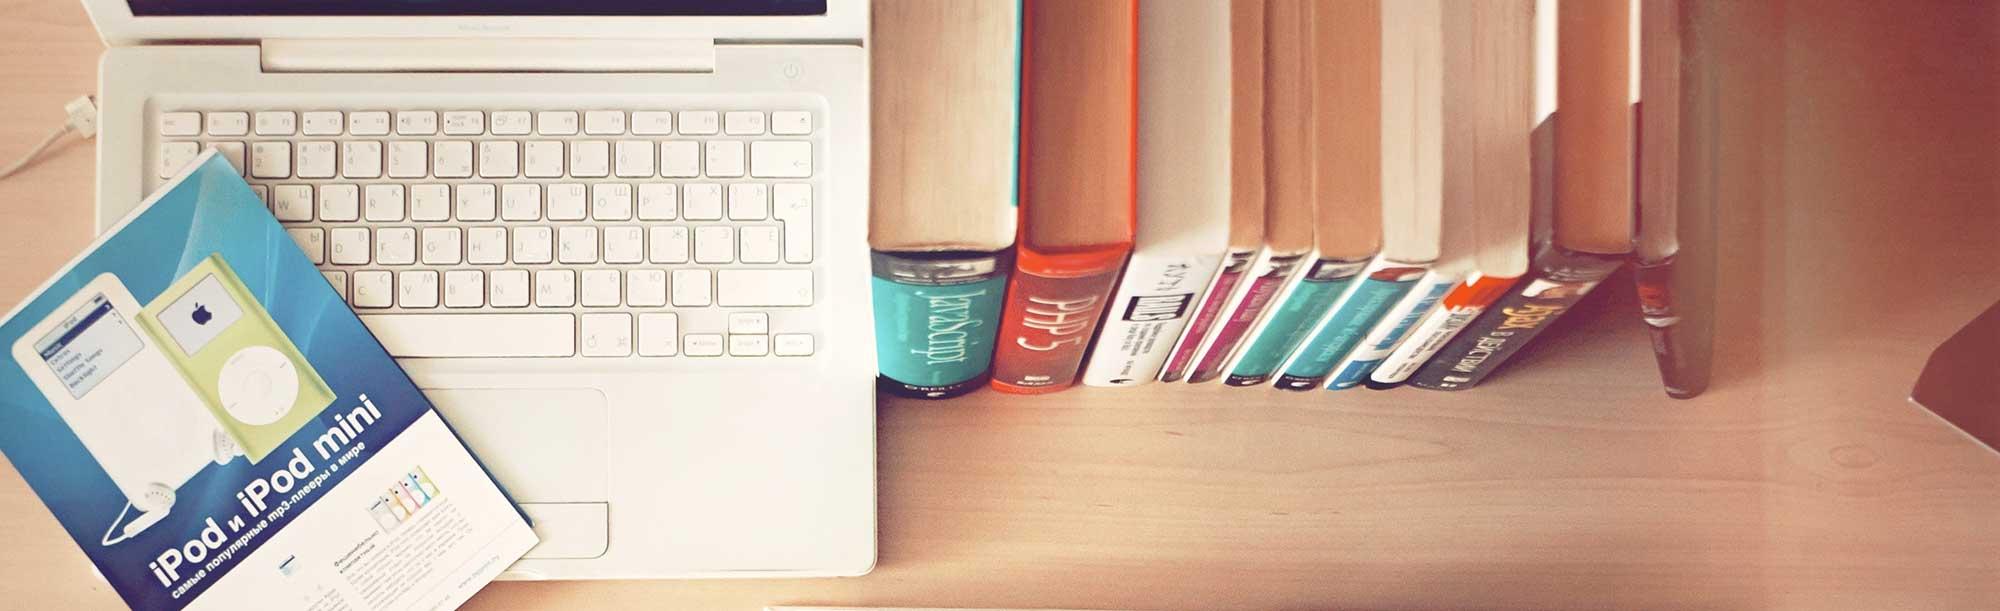 cursos-online-formacion-online